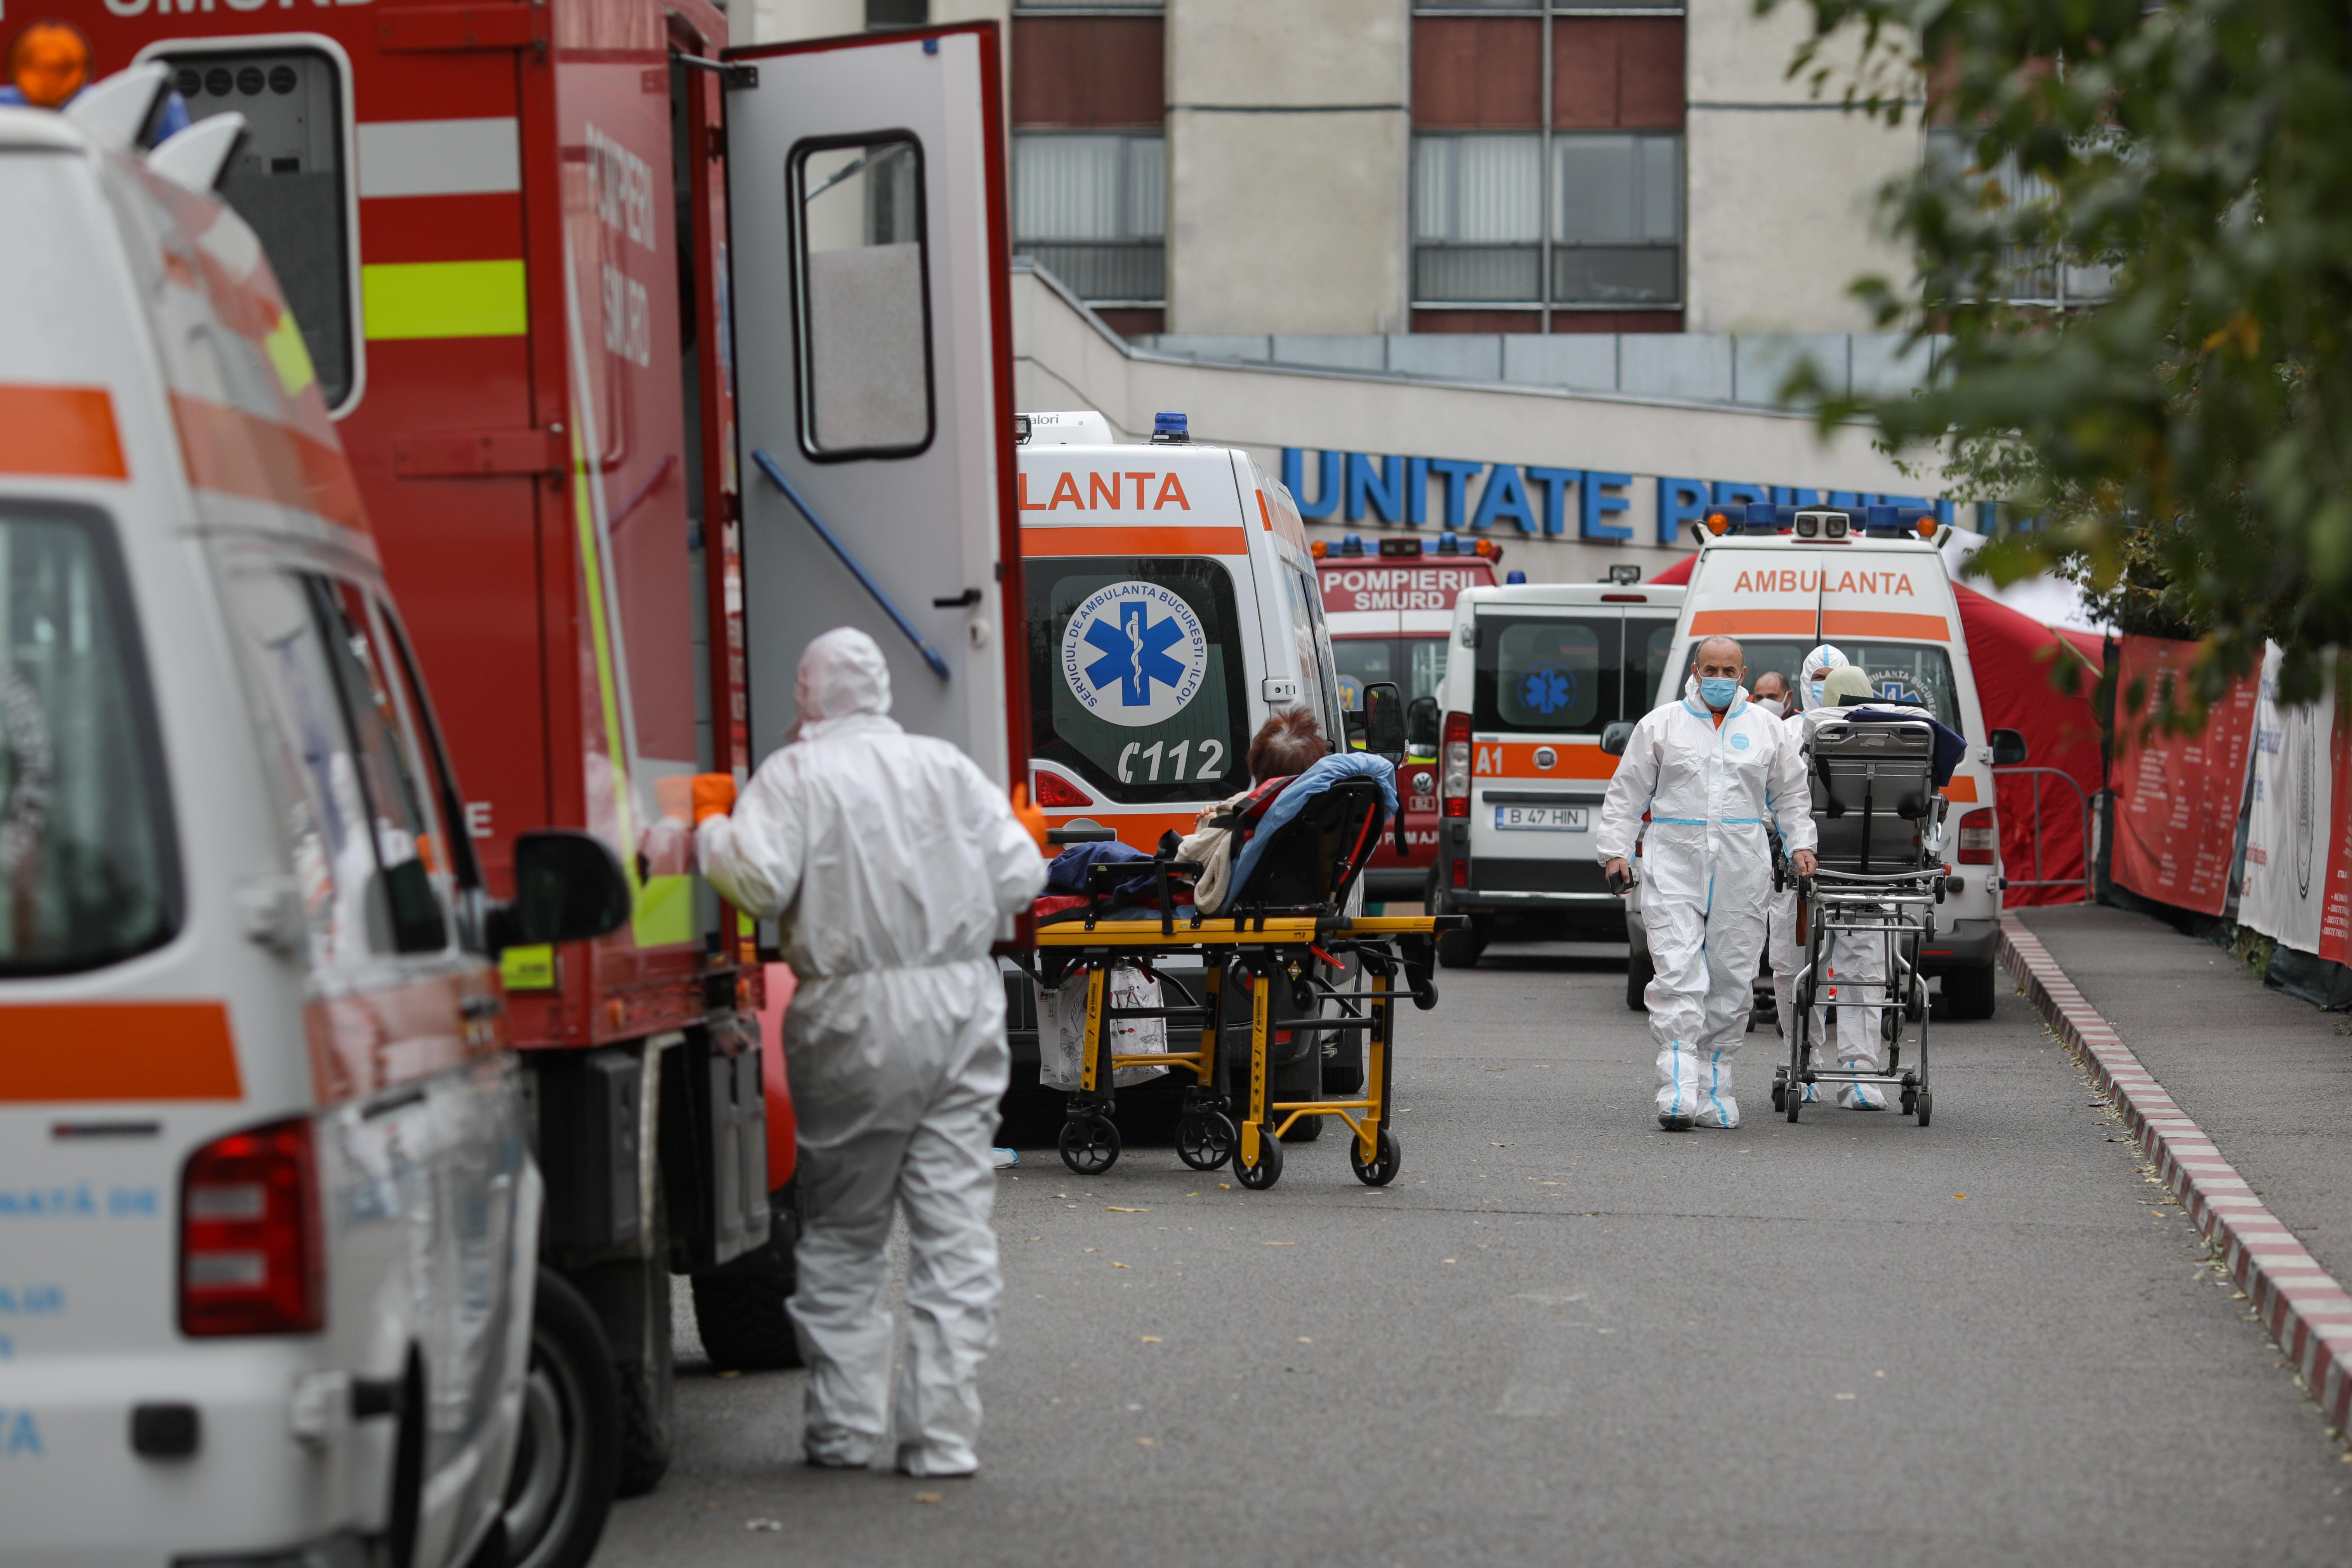 Coronavirus România, bilanț 20 octombrie: 423 de decese și 17.158 de cazuri noi